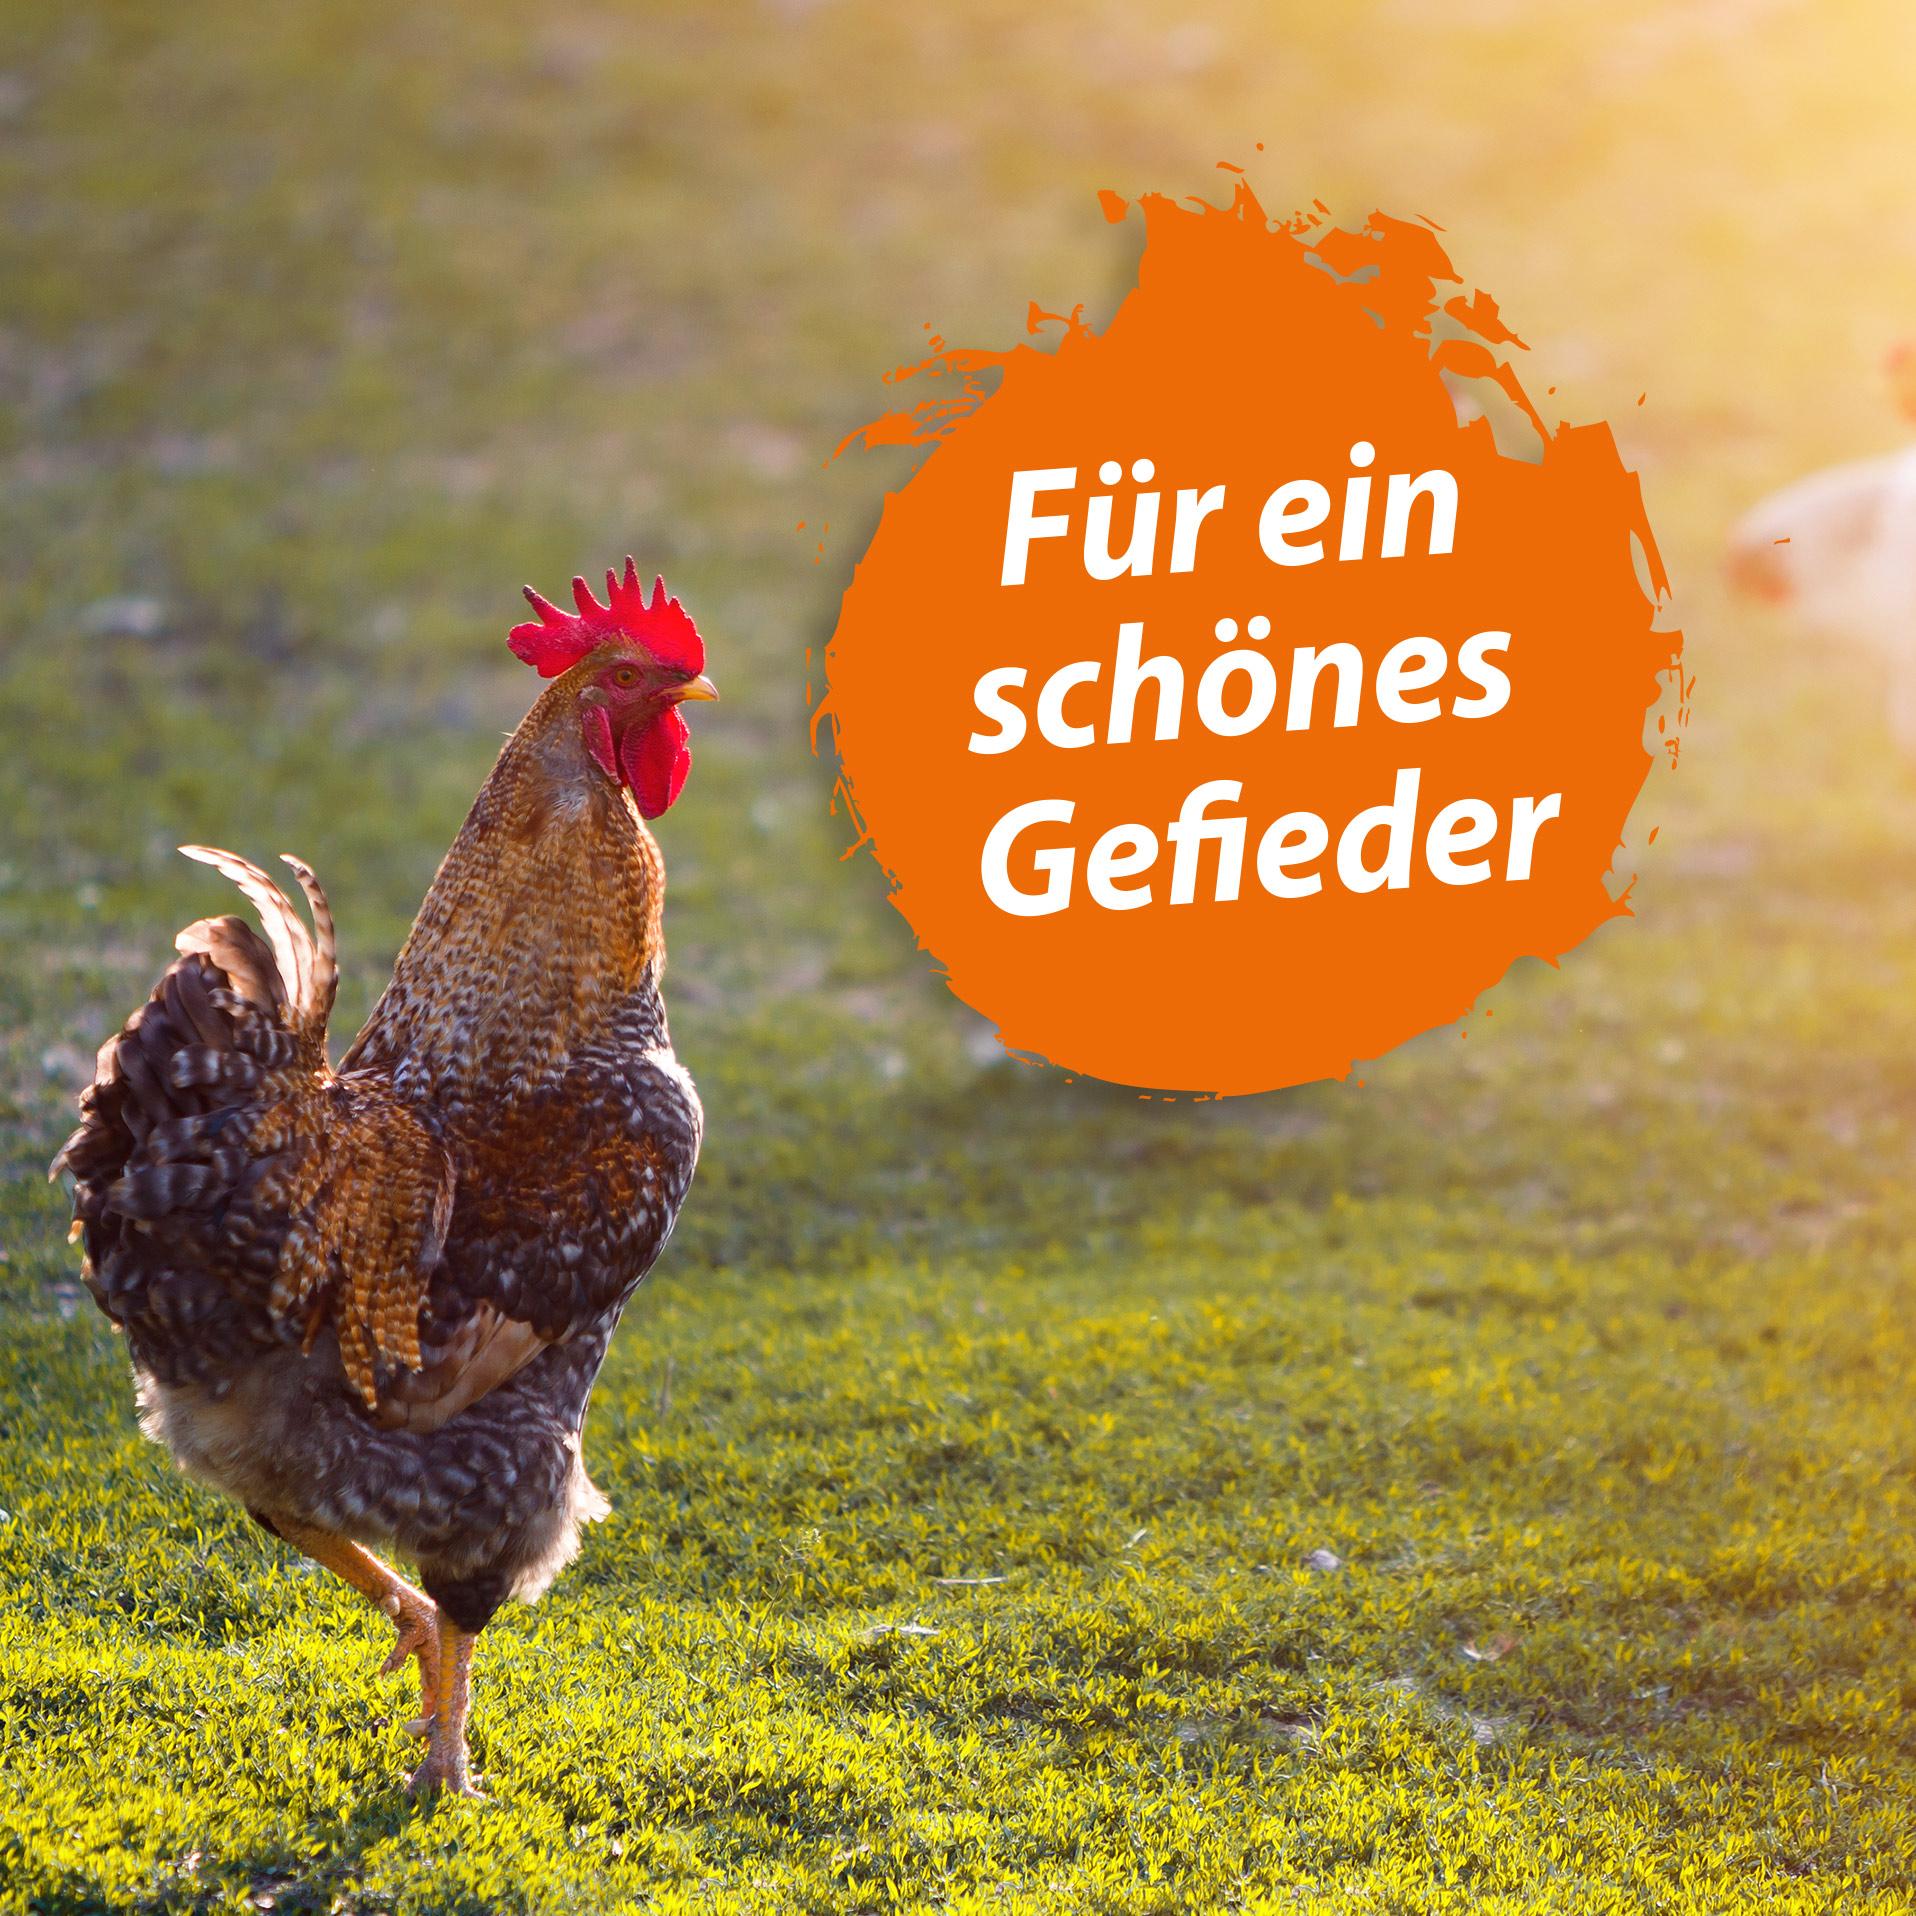 Geflügel Bierhefe Spezial - Futterergänzung für Hühner & anderes Geflügel - 1,5 Kg